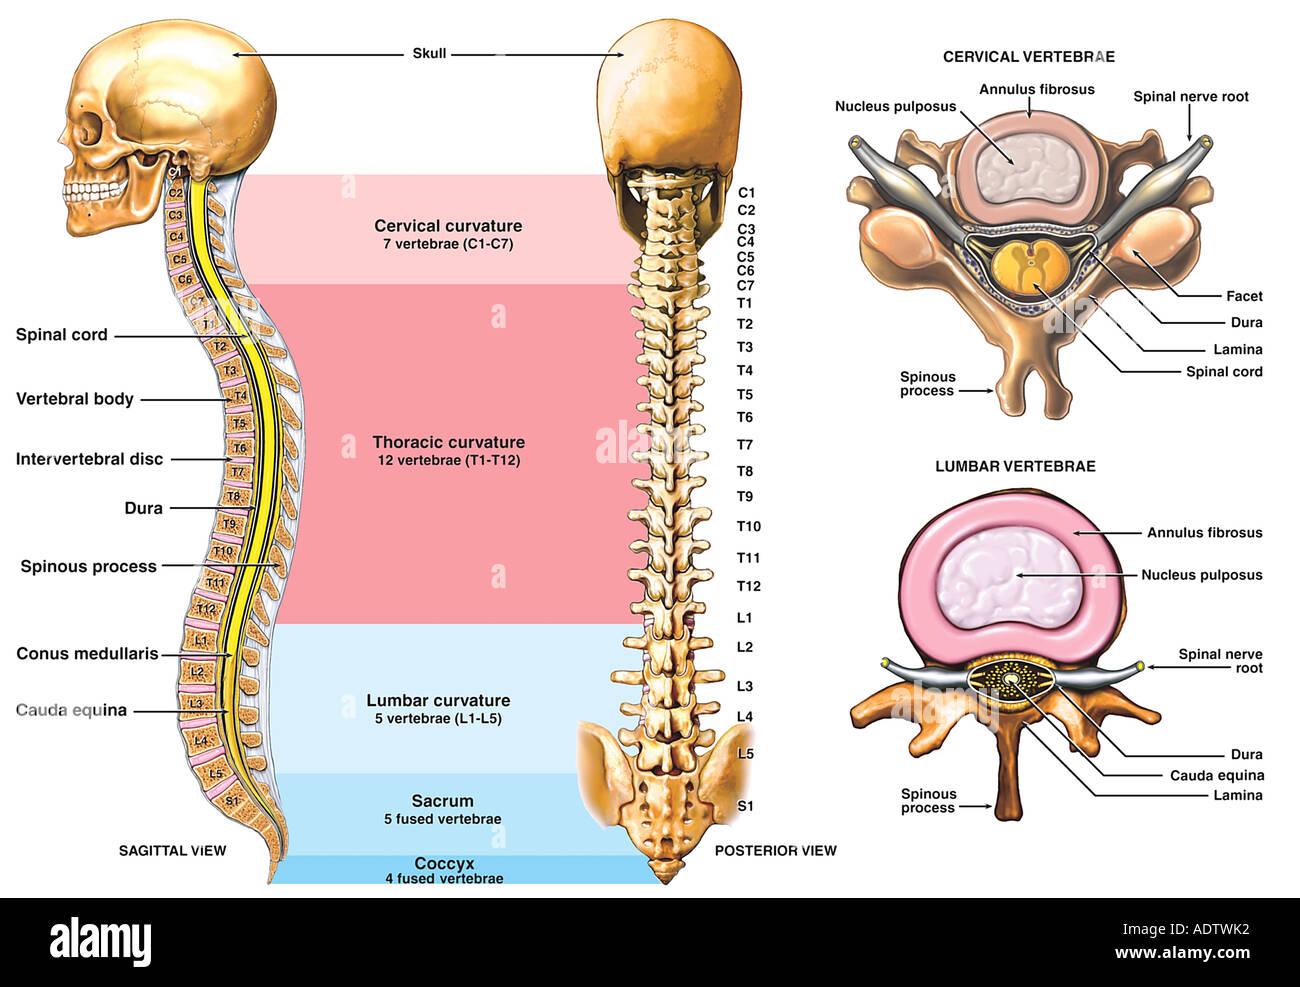 Perfecto Anatomía De Las Vértebras Cervicales Molde - Imágenes de ...